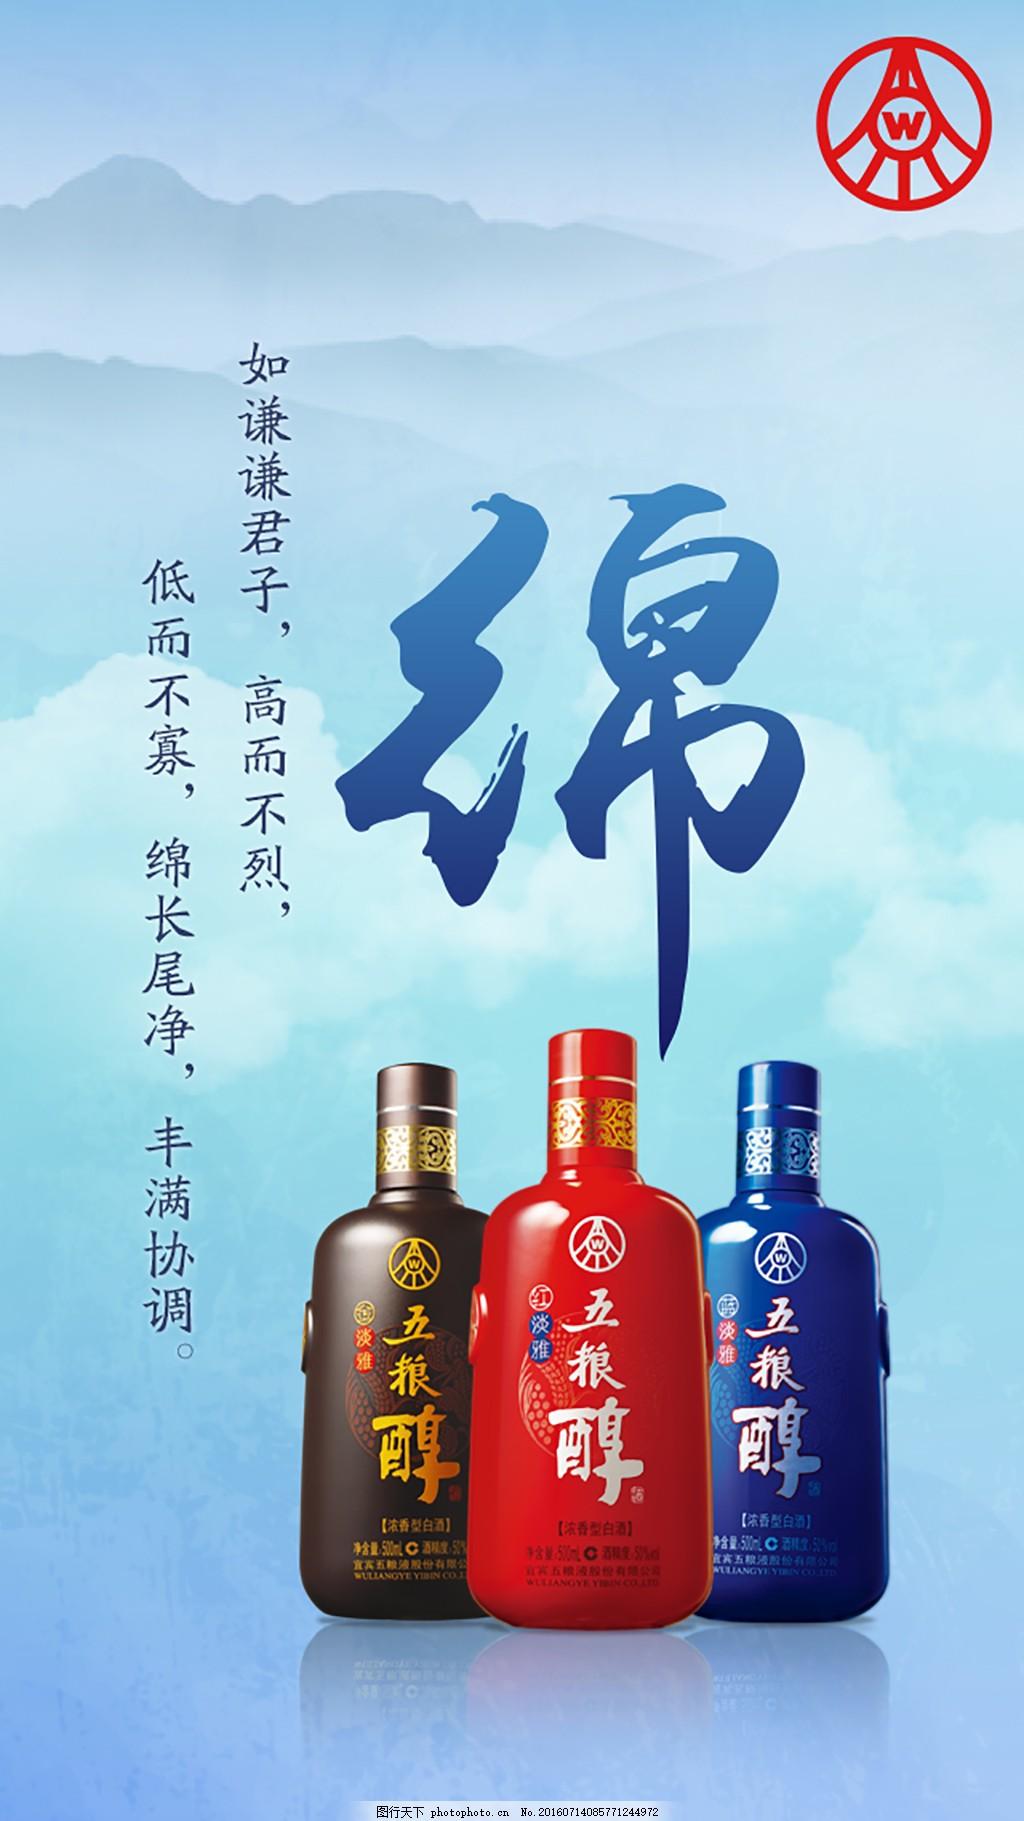 绵 五粮醇 白酒 海报 网页设计 淘宝海报 中国风 青色 天蓝色